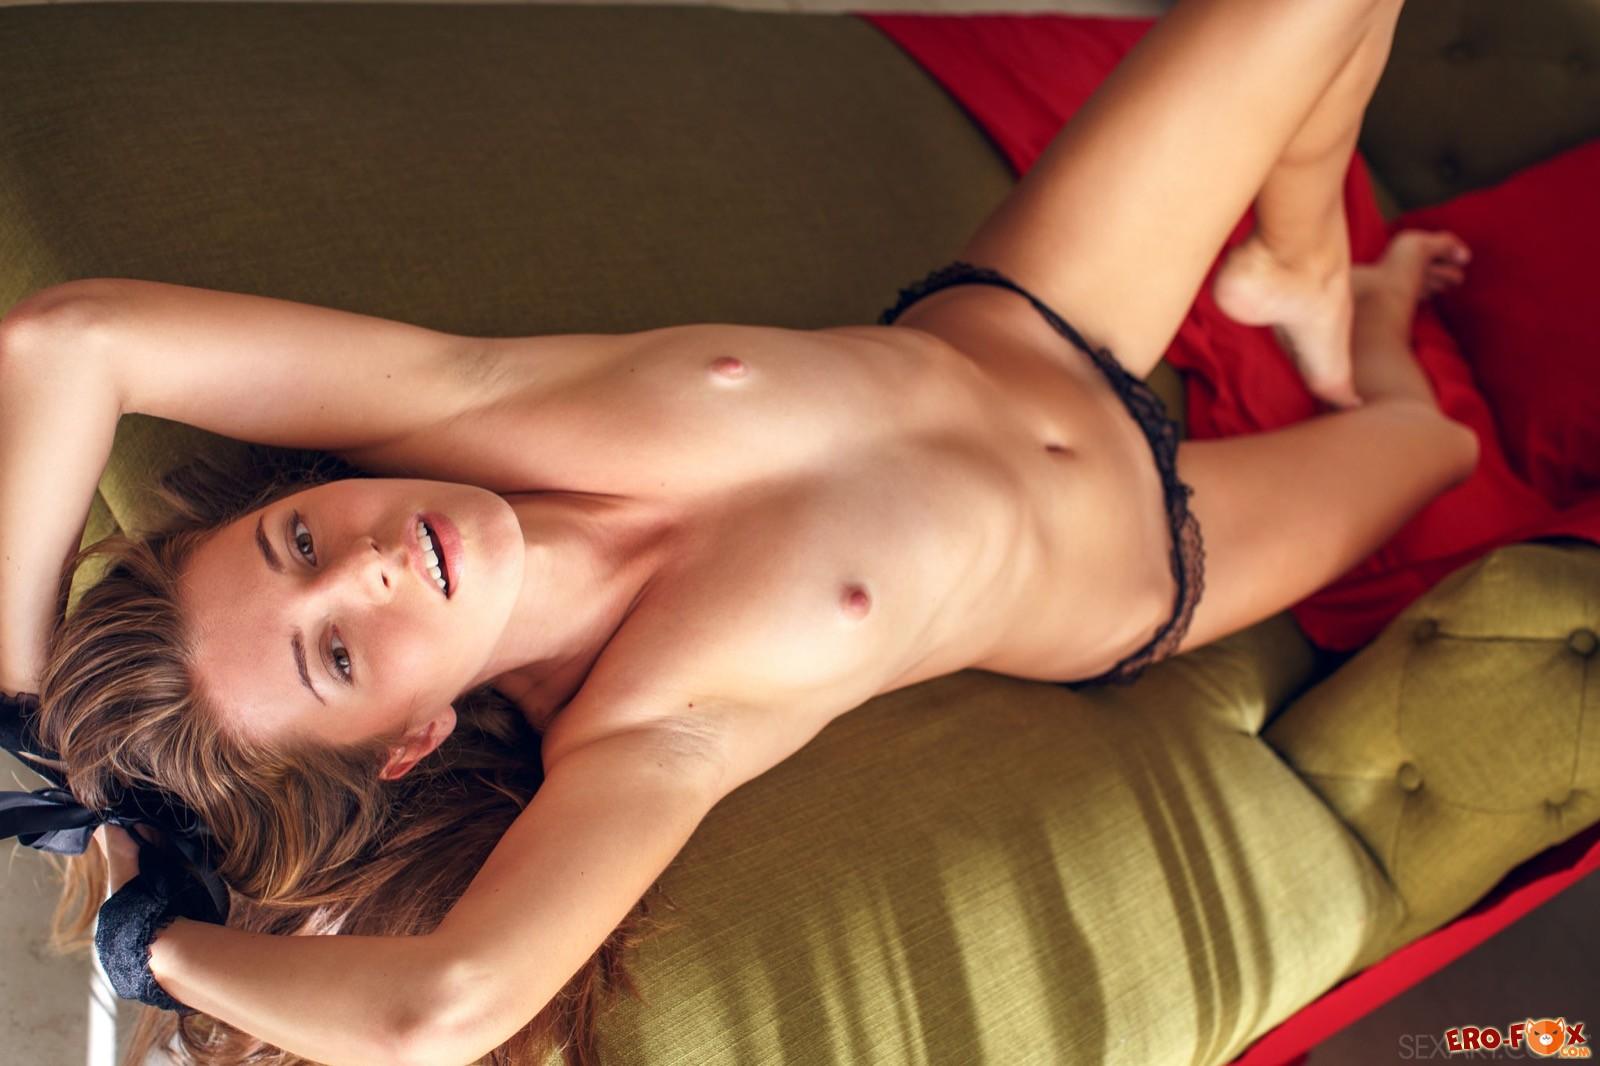 Связанная девушка в трусиках выгибается на диване